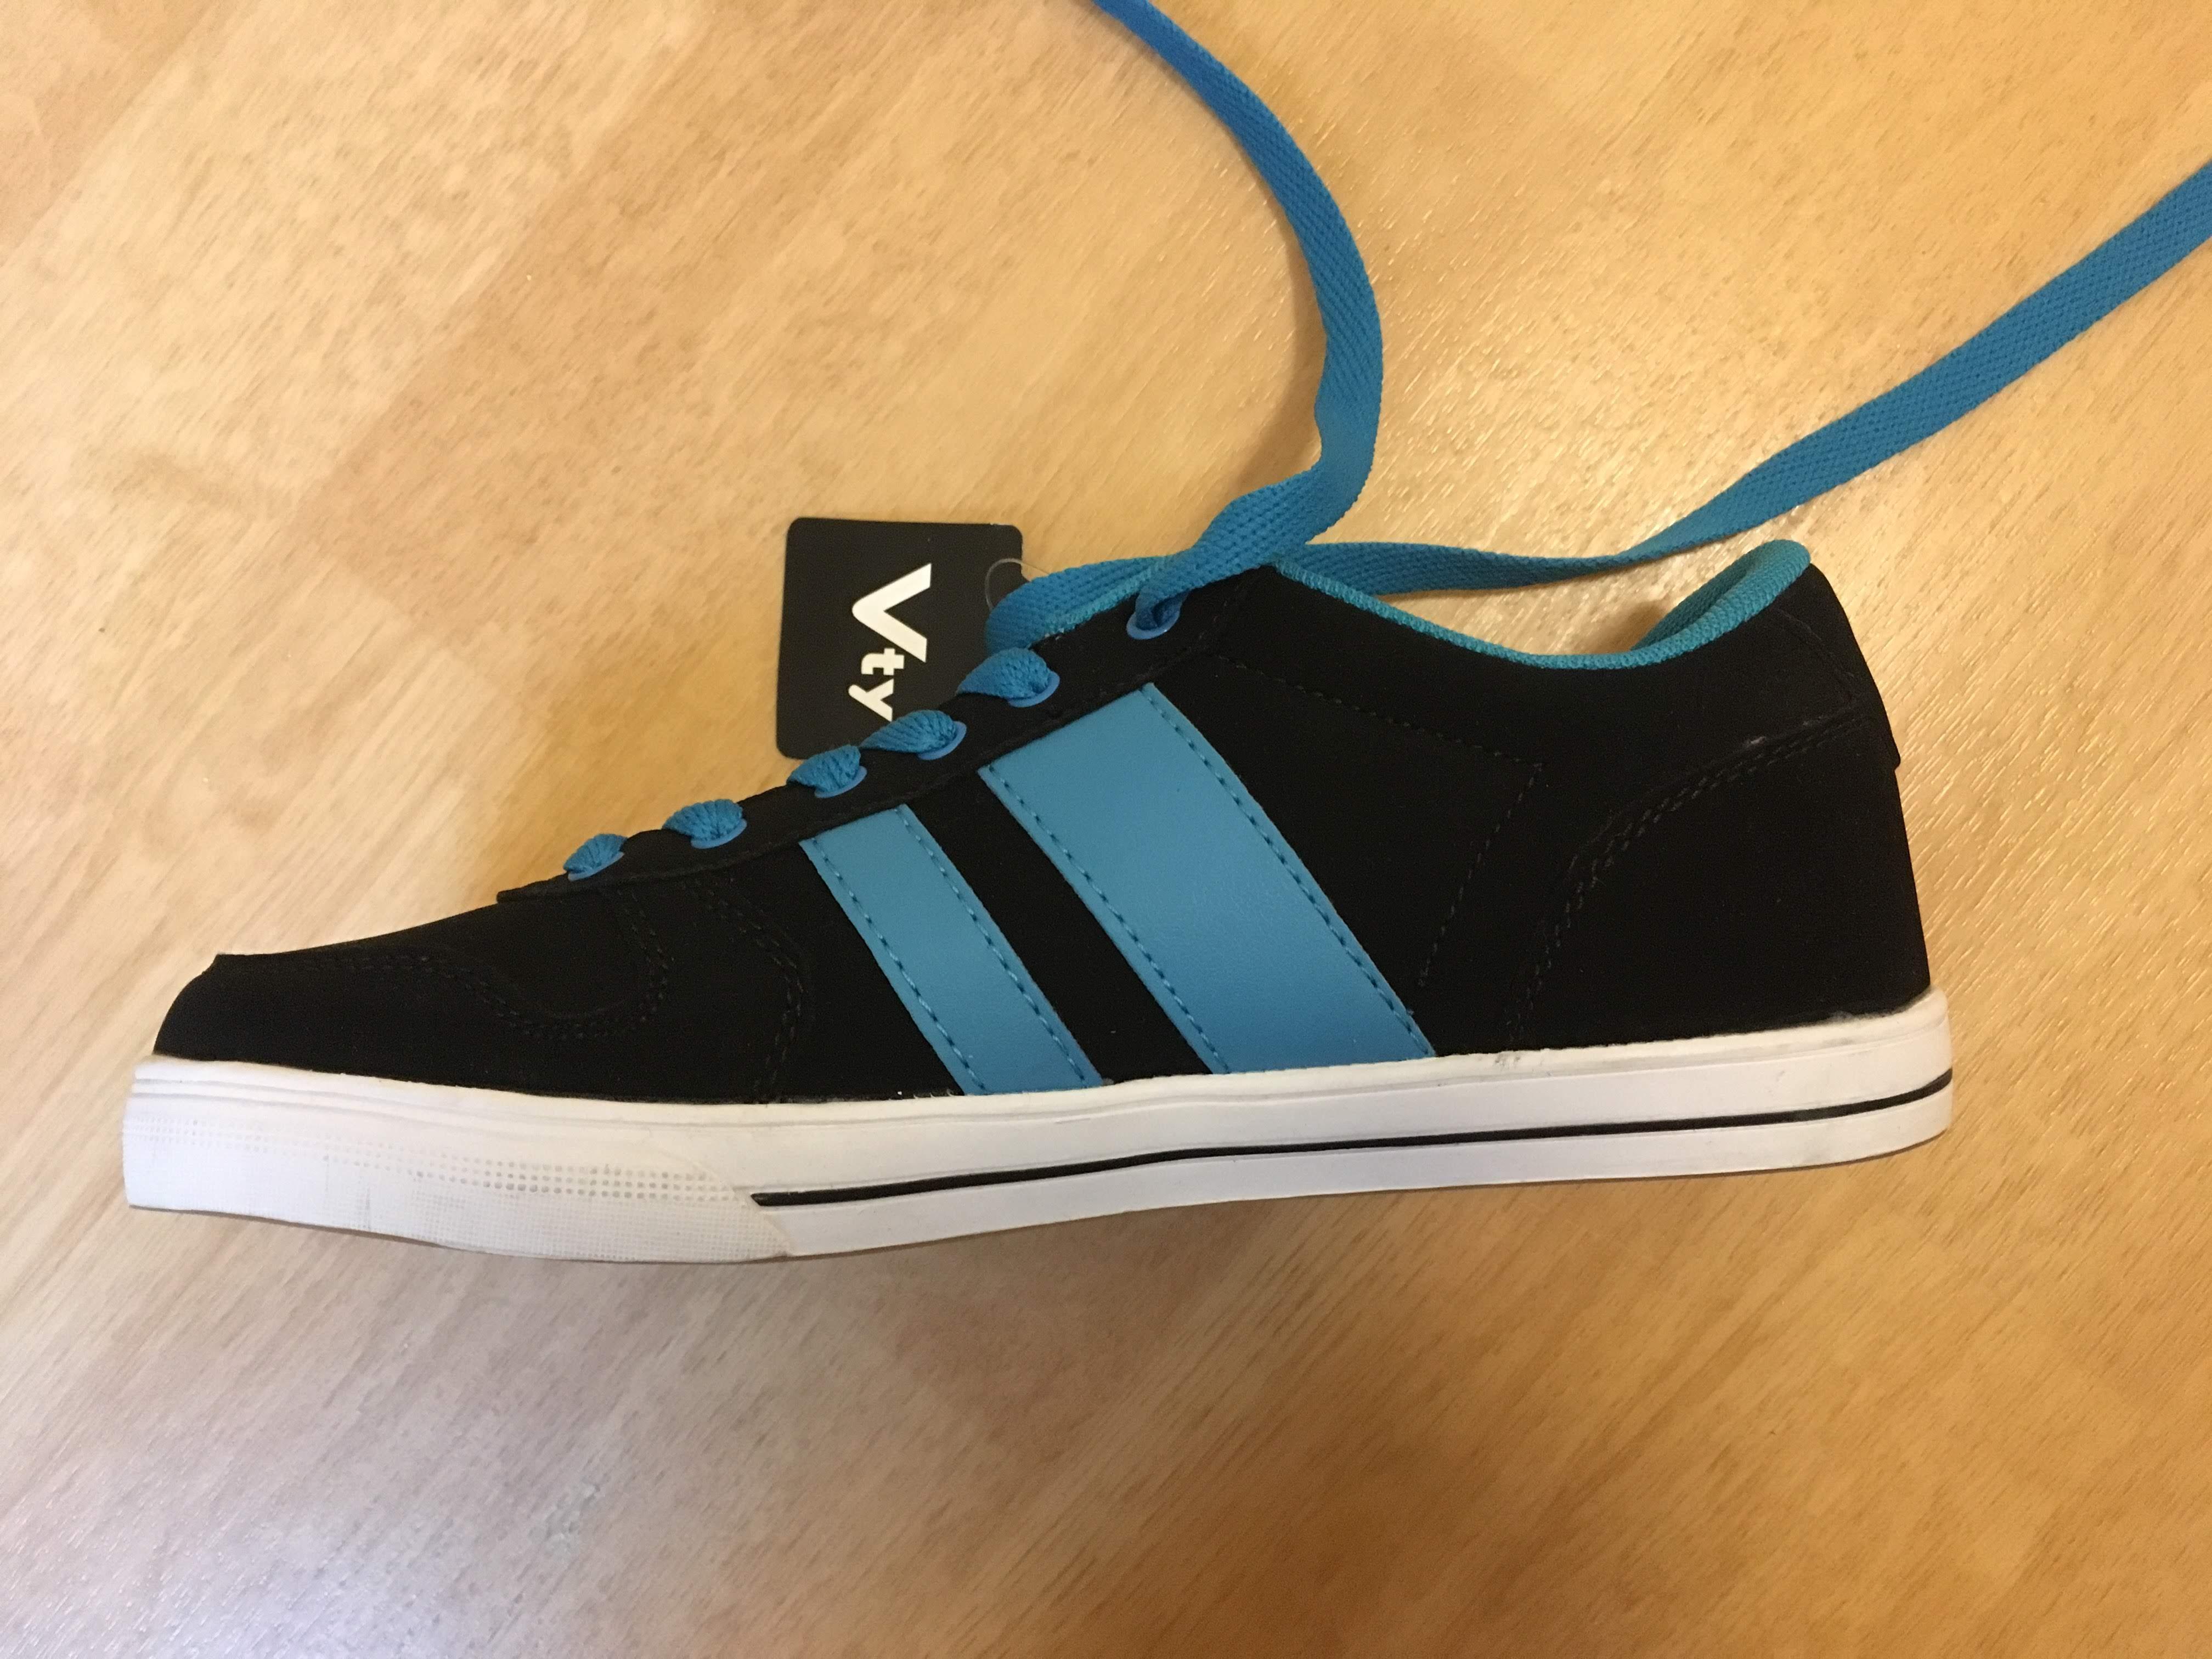 Bild Nummer 2 von Skaterschuhe, links 37, rechts 36, schwarz mit blau